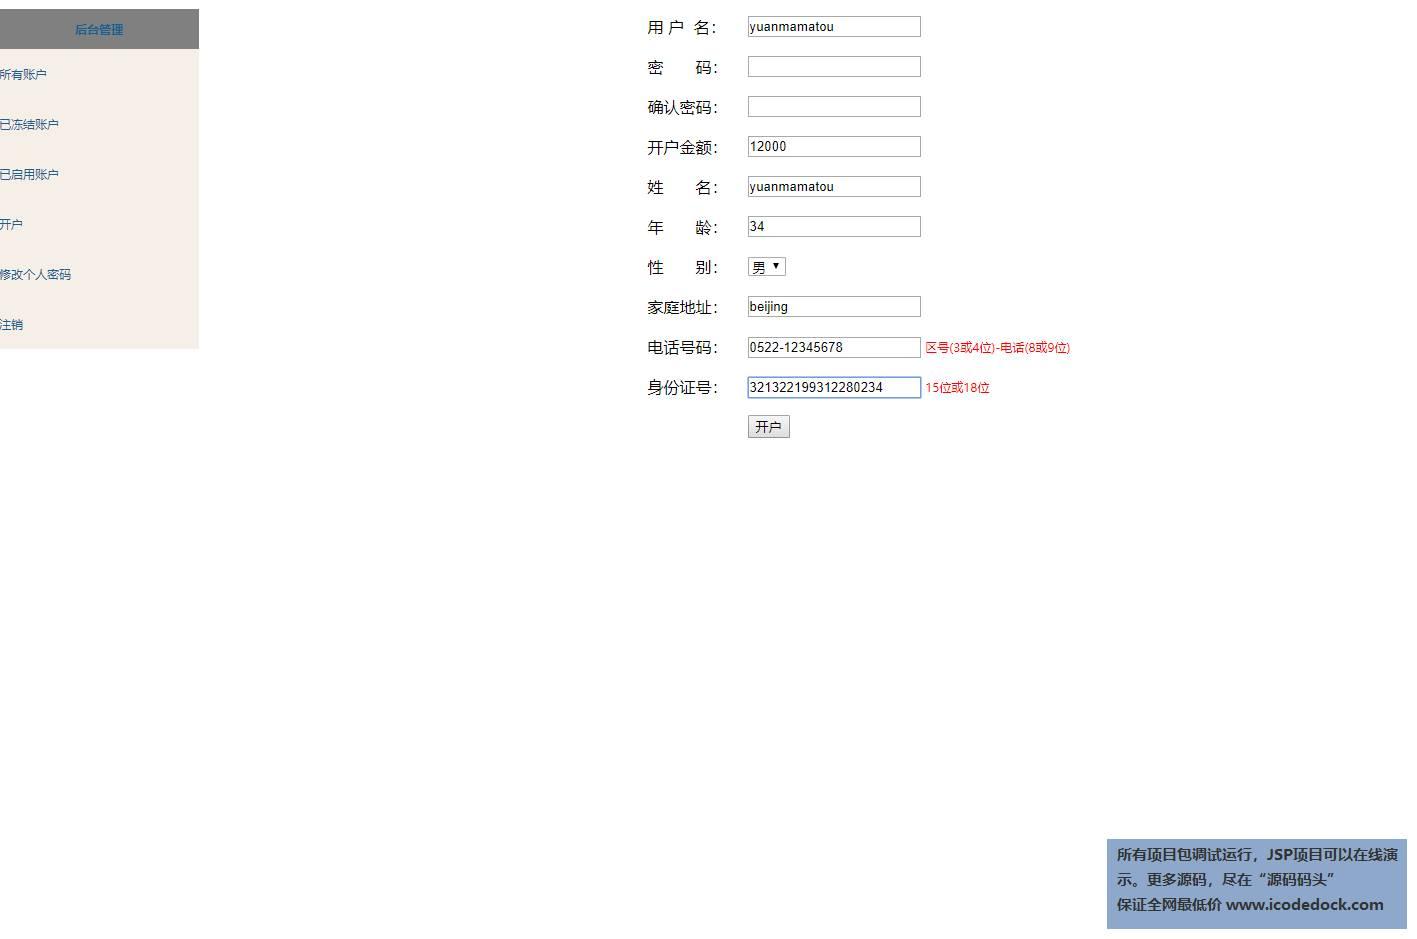 源码码头-SSH网上银行管理系统-管理员角色-开户